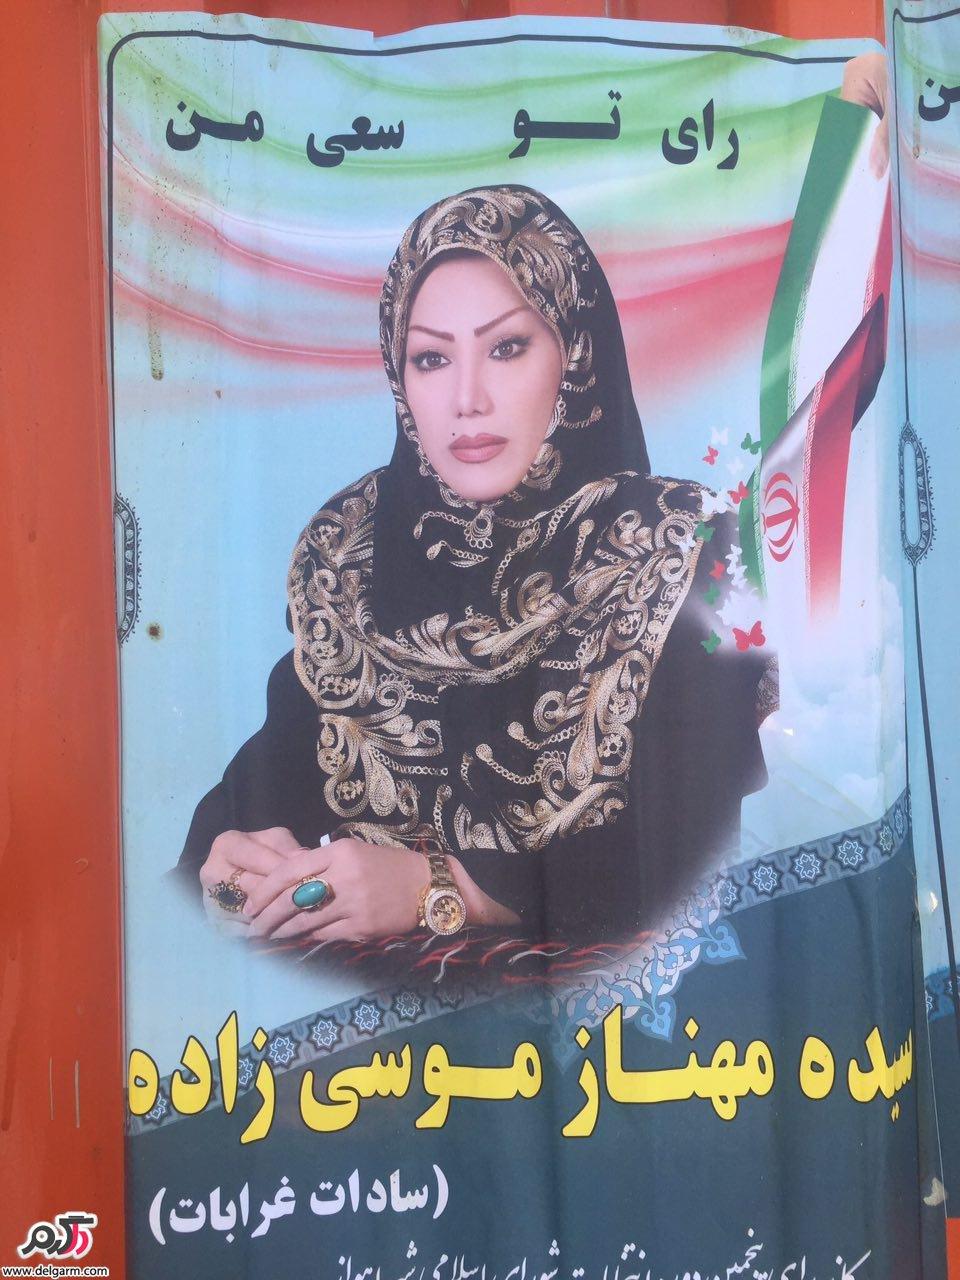 تصویری جالب از ستاد یک کاندیدای خانم شورای شهر